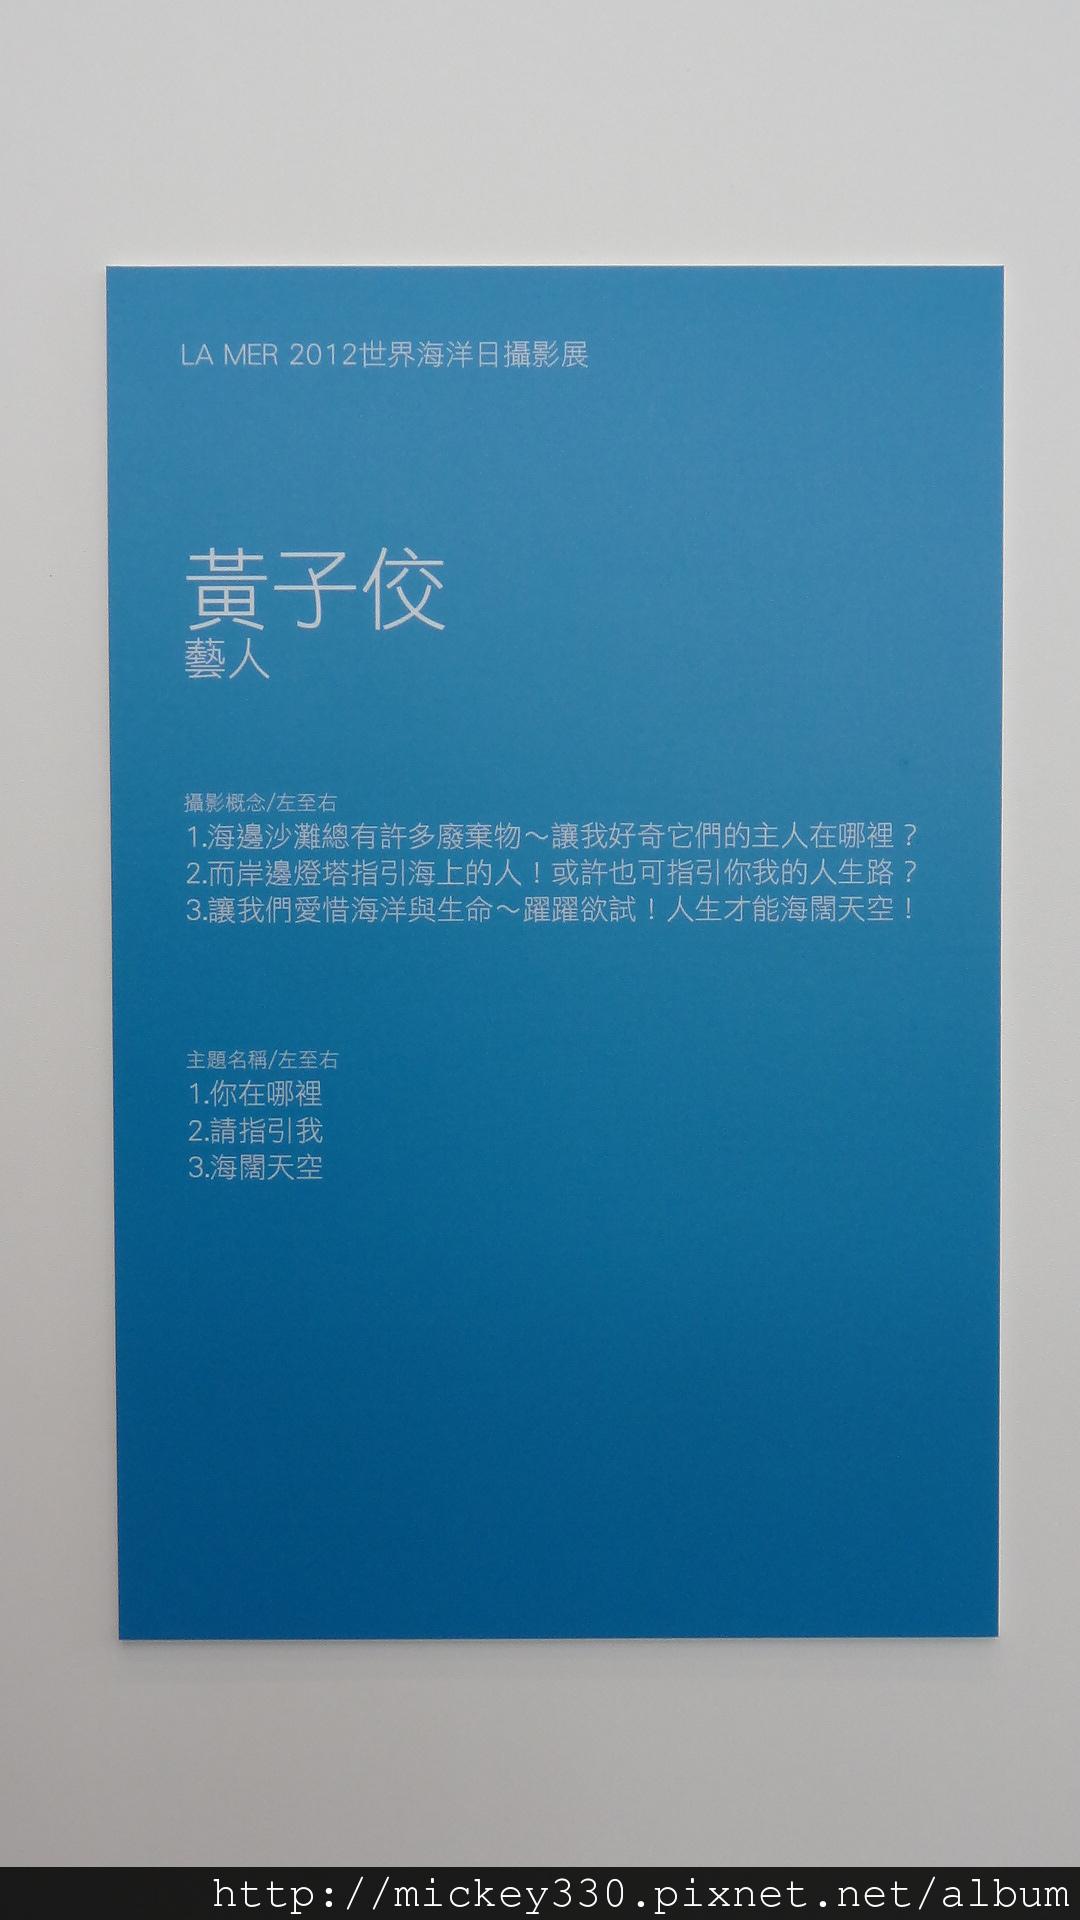 2012 526LA MER世界海洋日暖身攝影展~詳見網誌唷 (37)